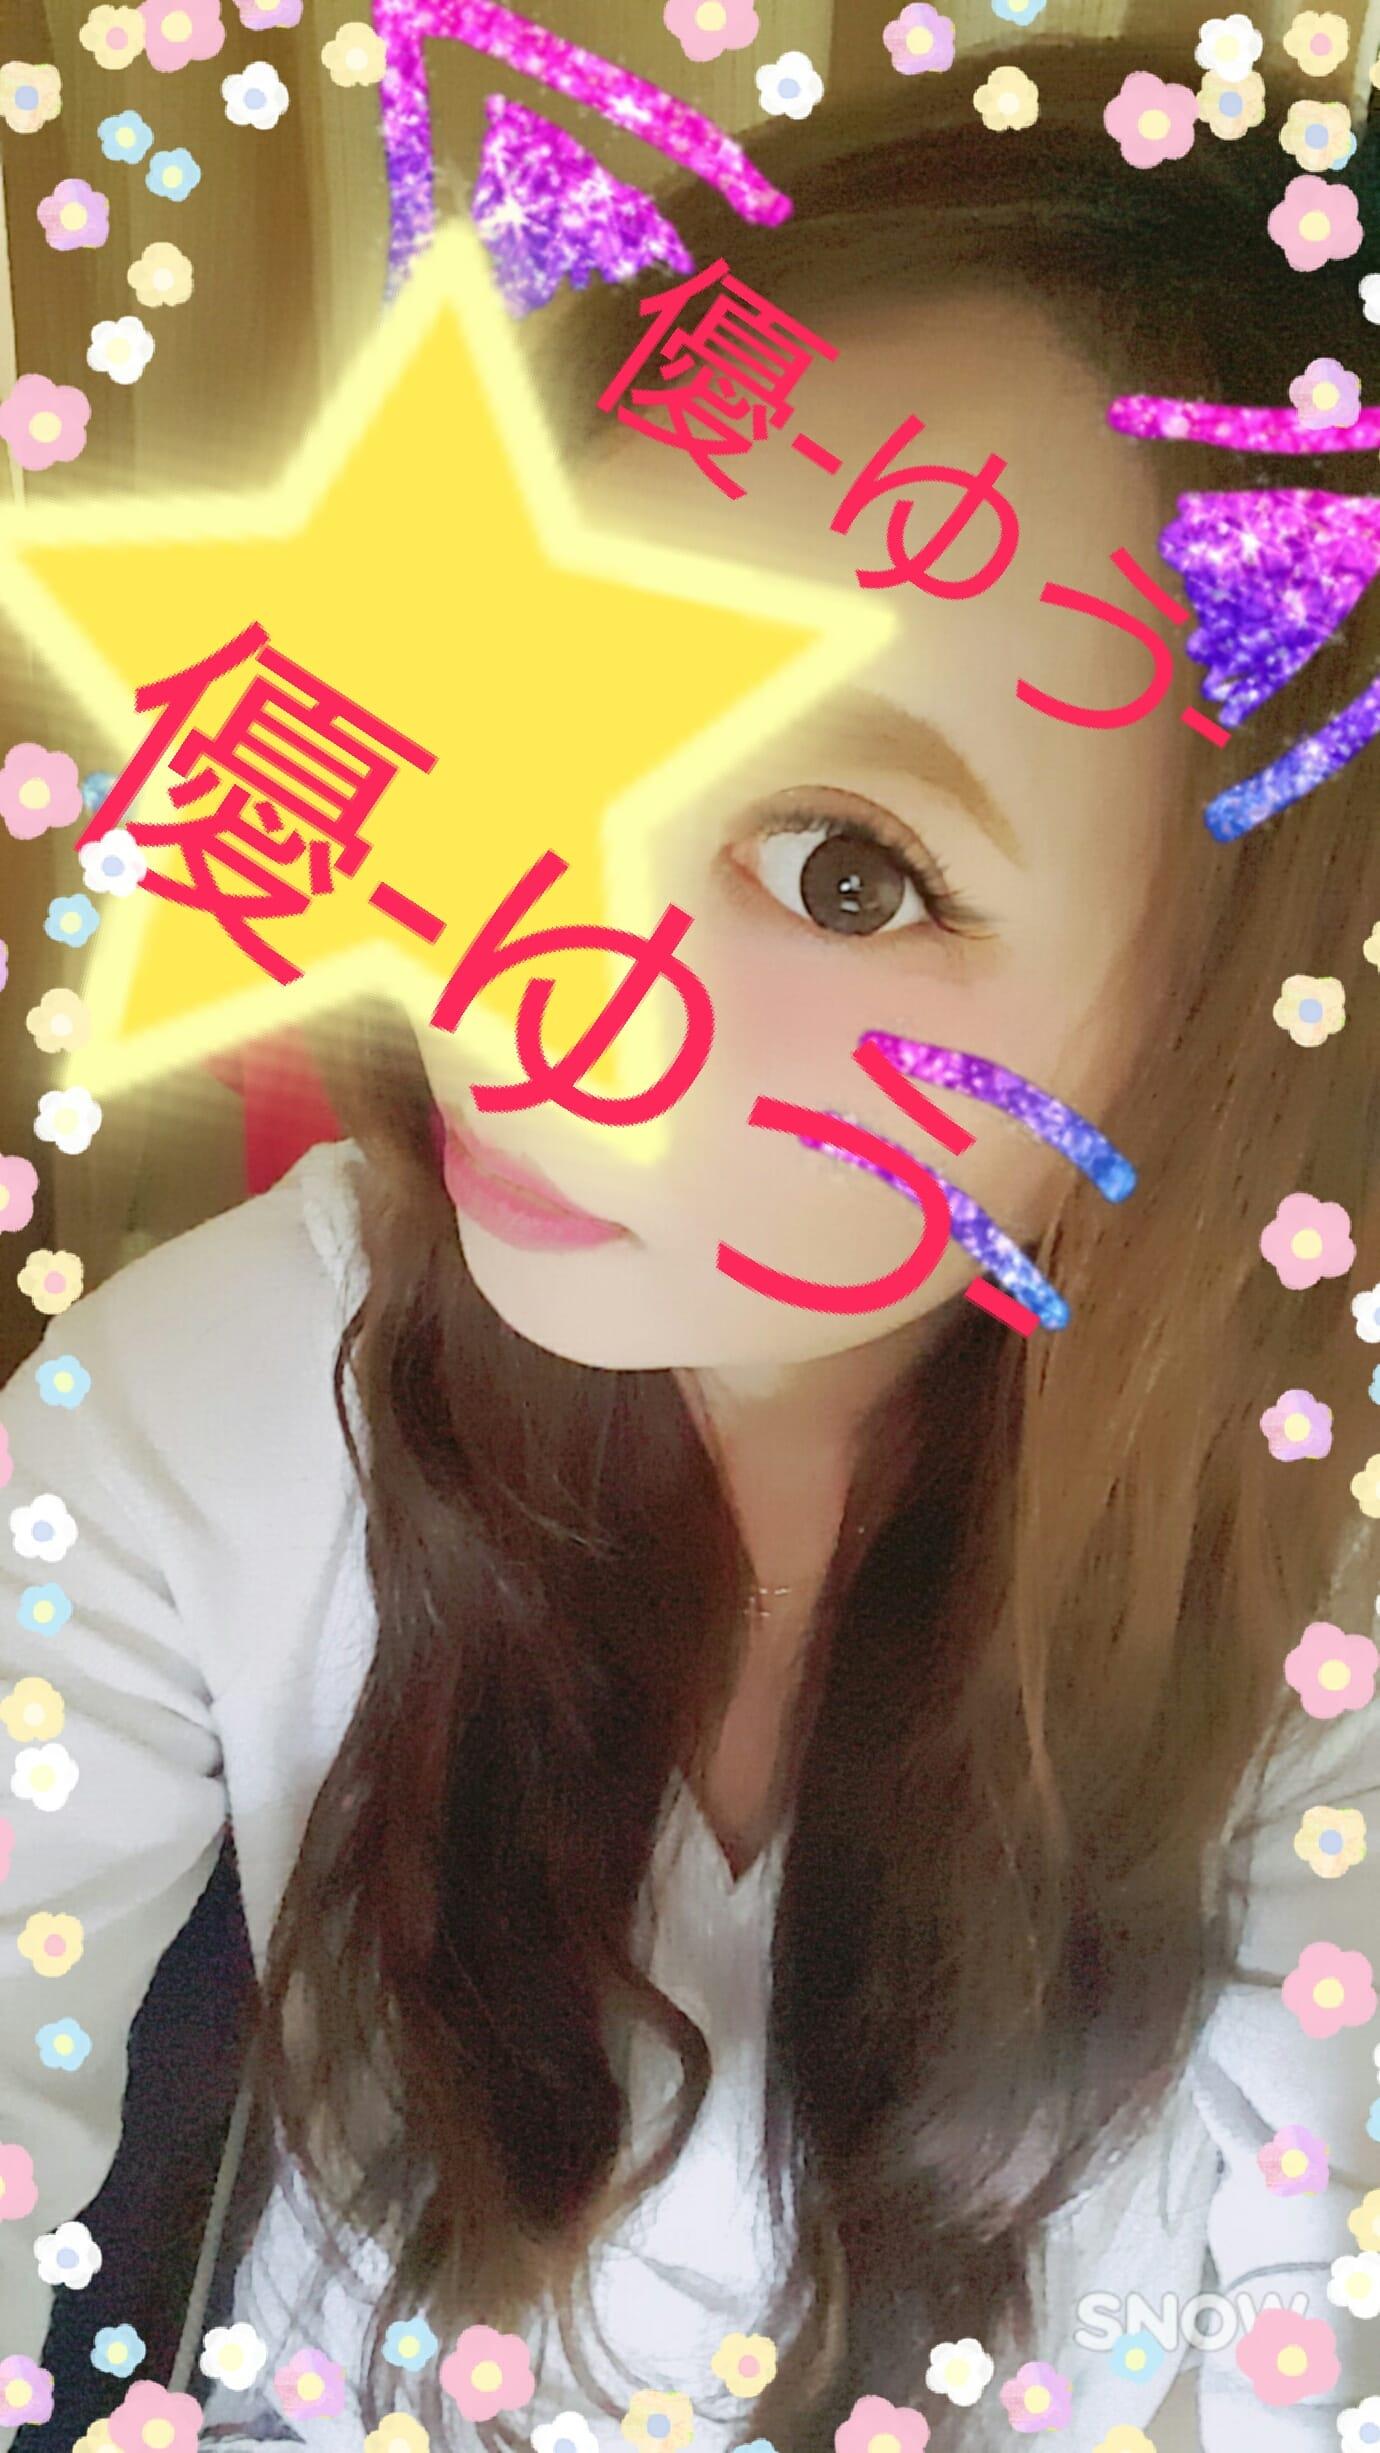 優-ゆう「出勤♪」12/15(金) 11:08 | 優-ゆうの写メ・風俗動画